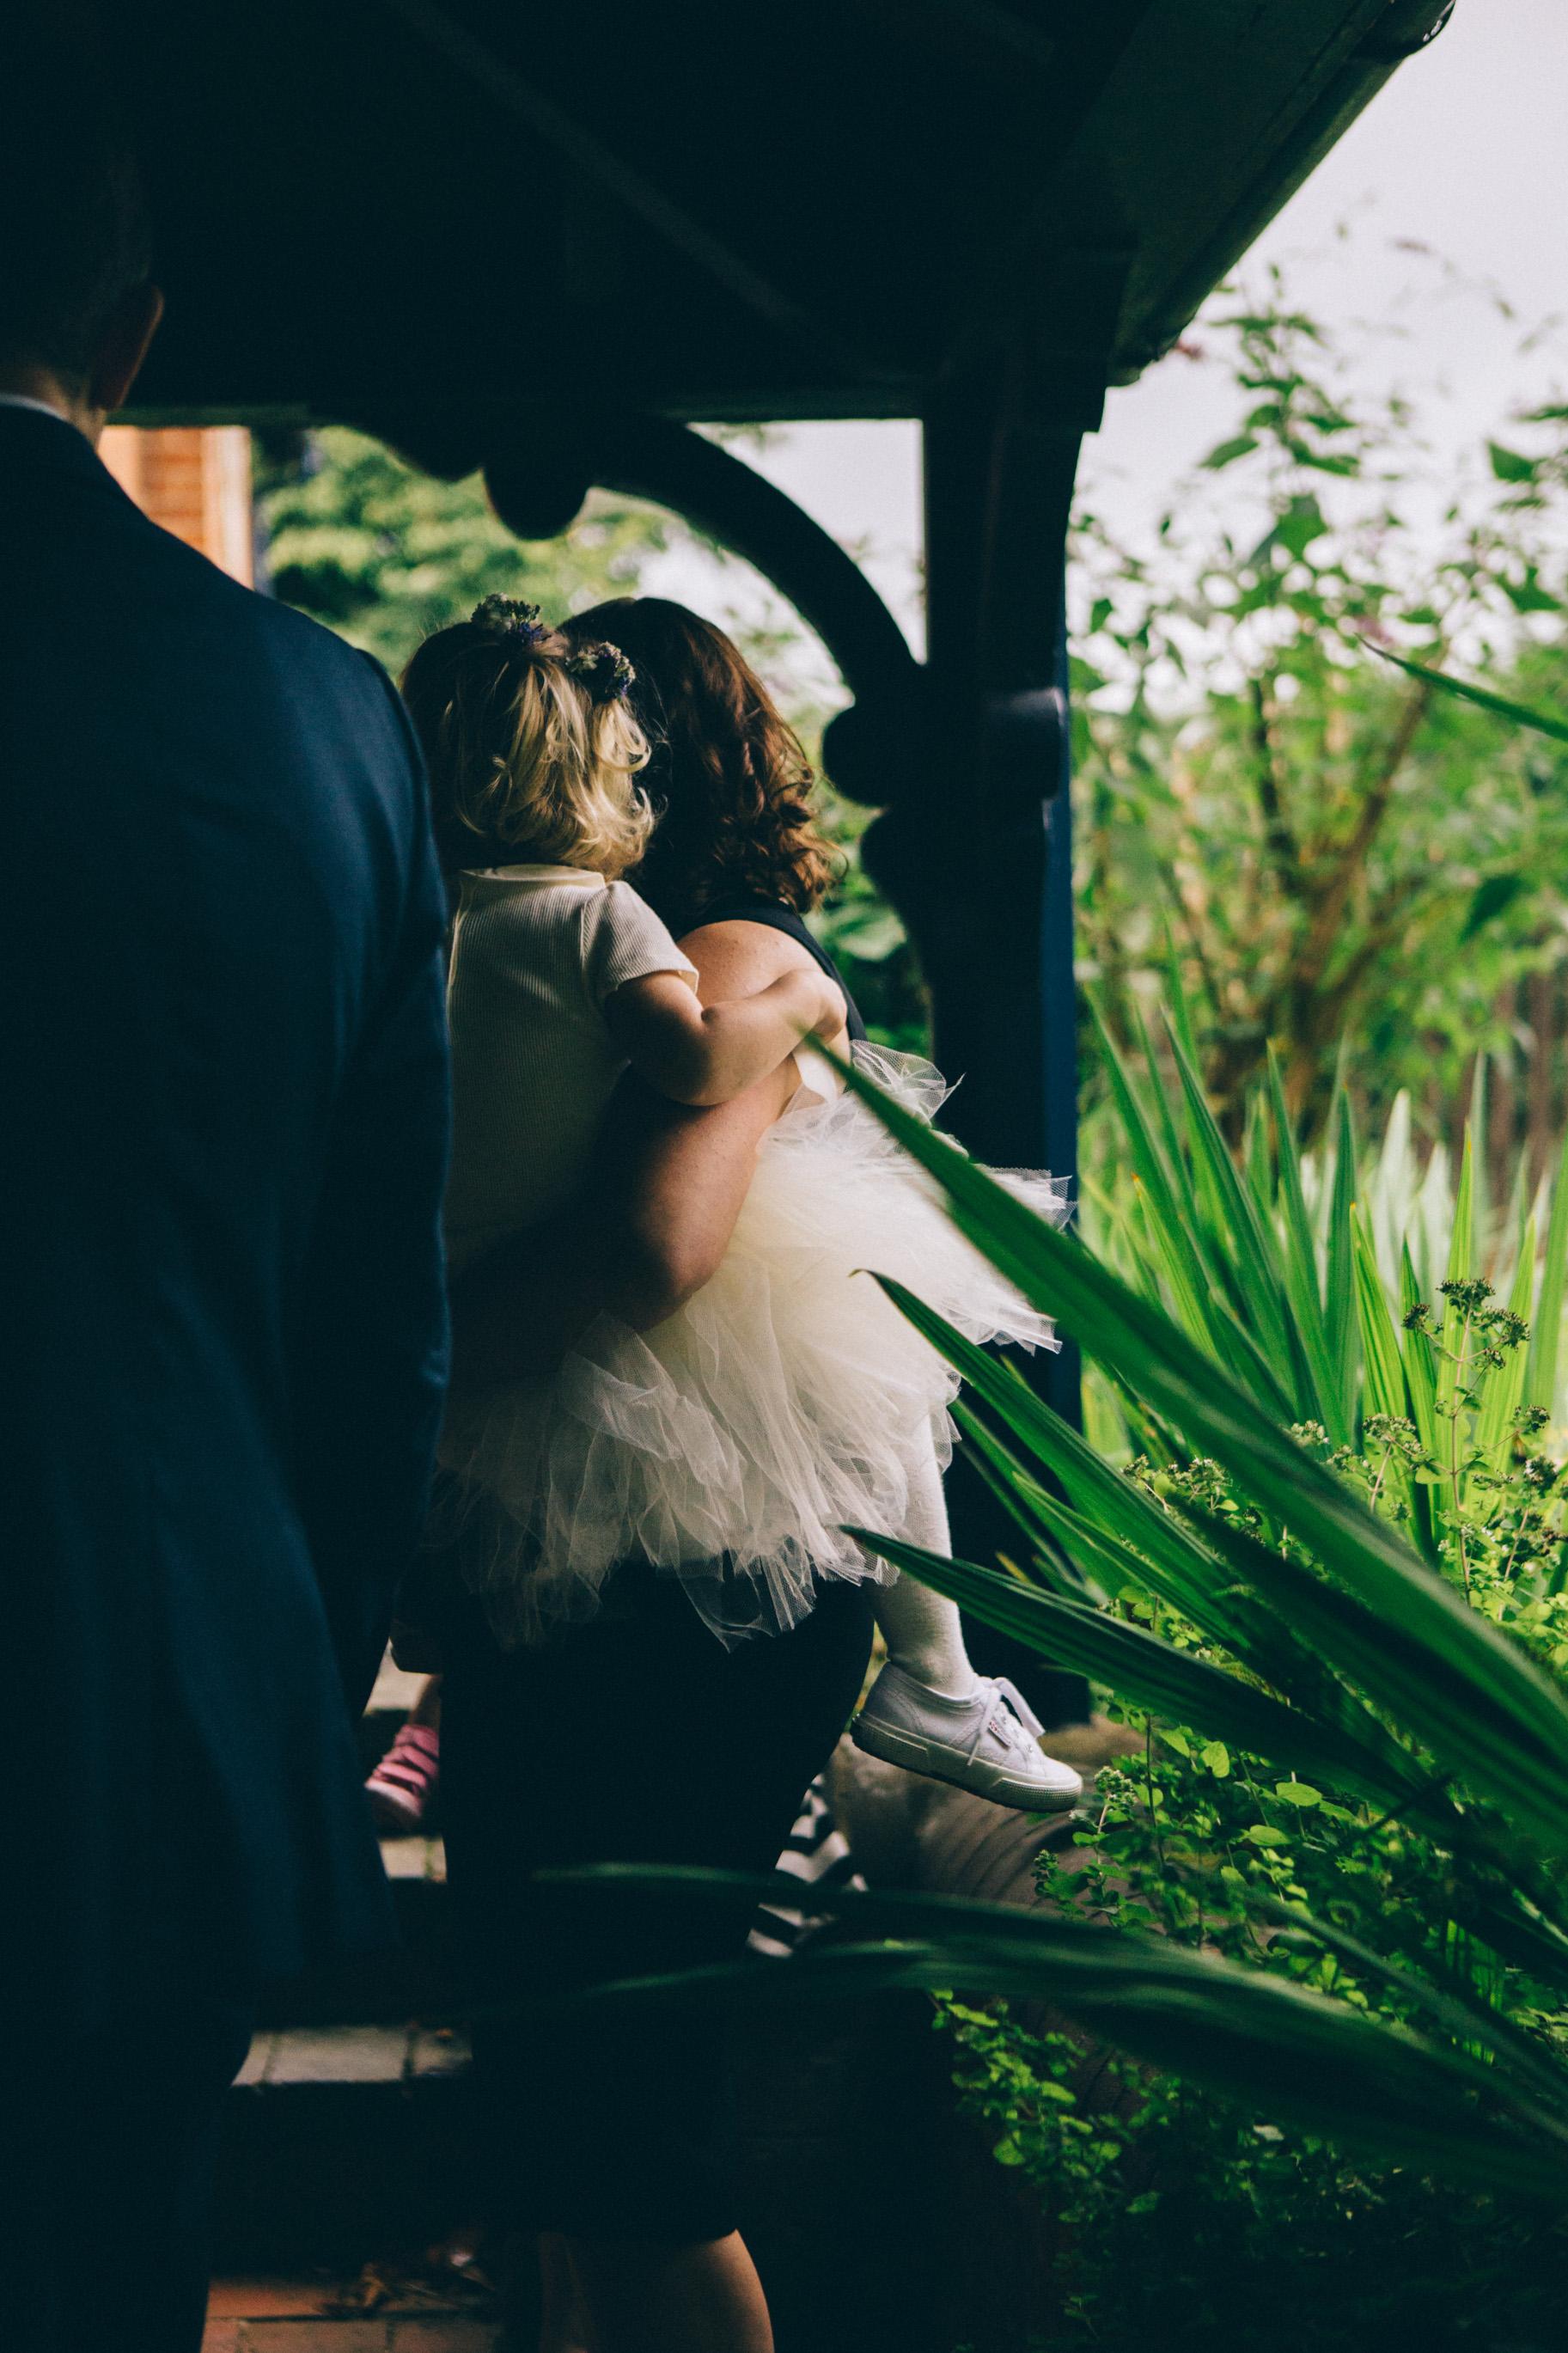 uk wedding photographer artistic wedding photography-54.jpg